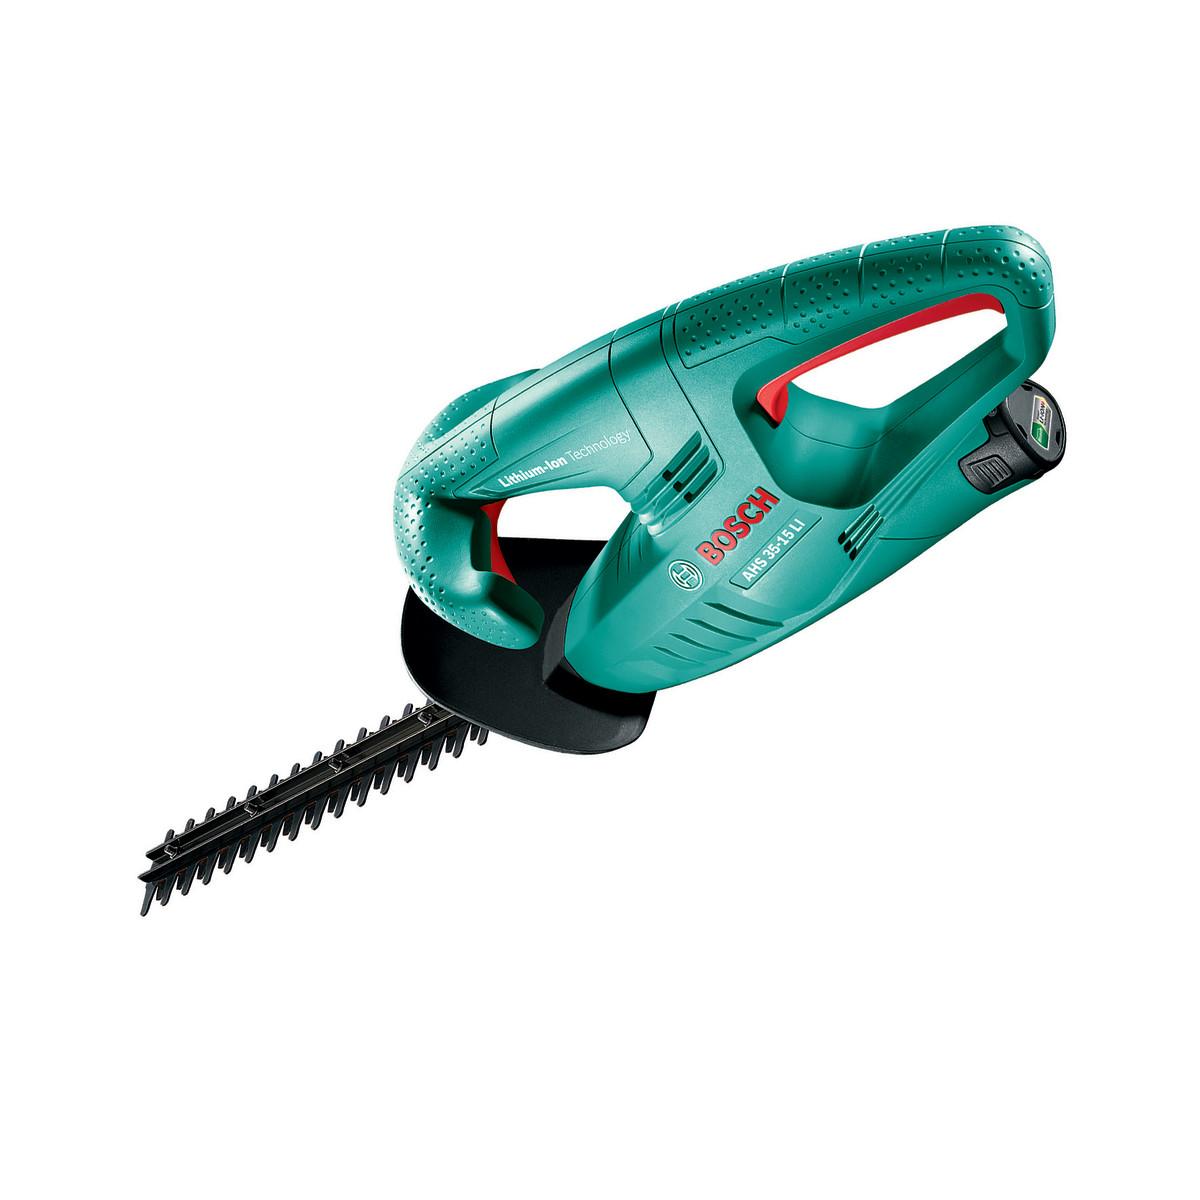 Bosch tagliasiepi elettrico ahs 50 26 potenza prezzo e offerte sottocosto for Scaldasalviette elettrico leroy merlin